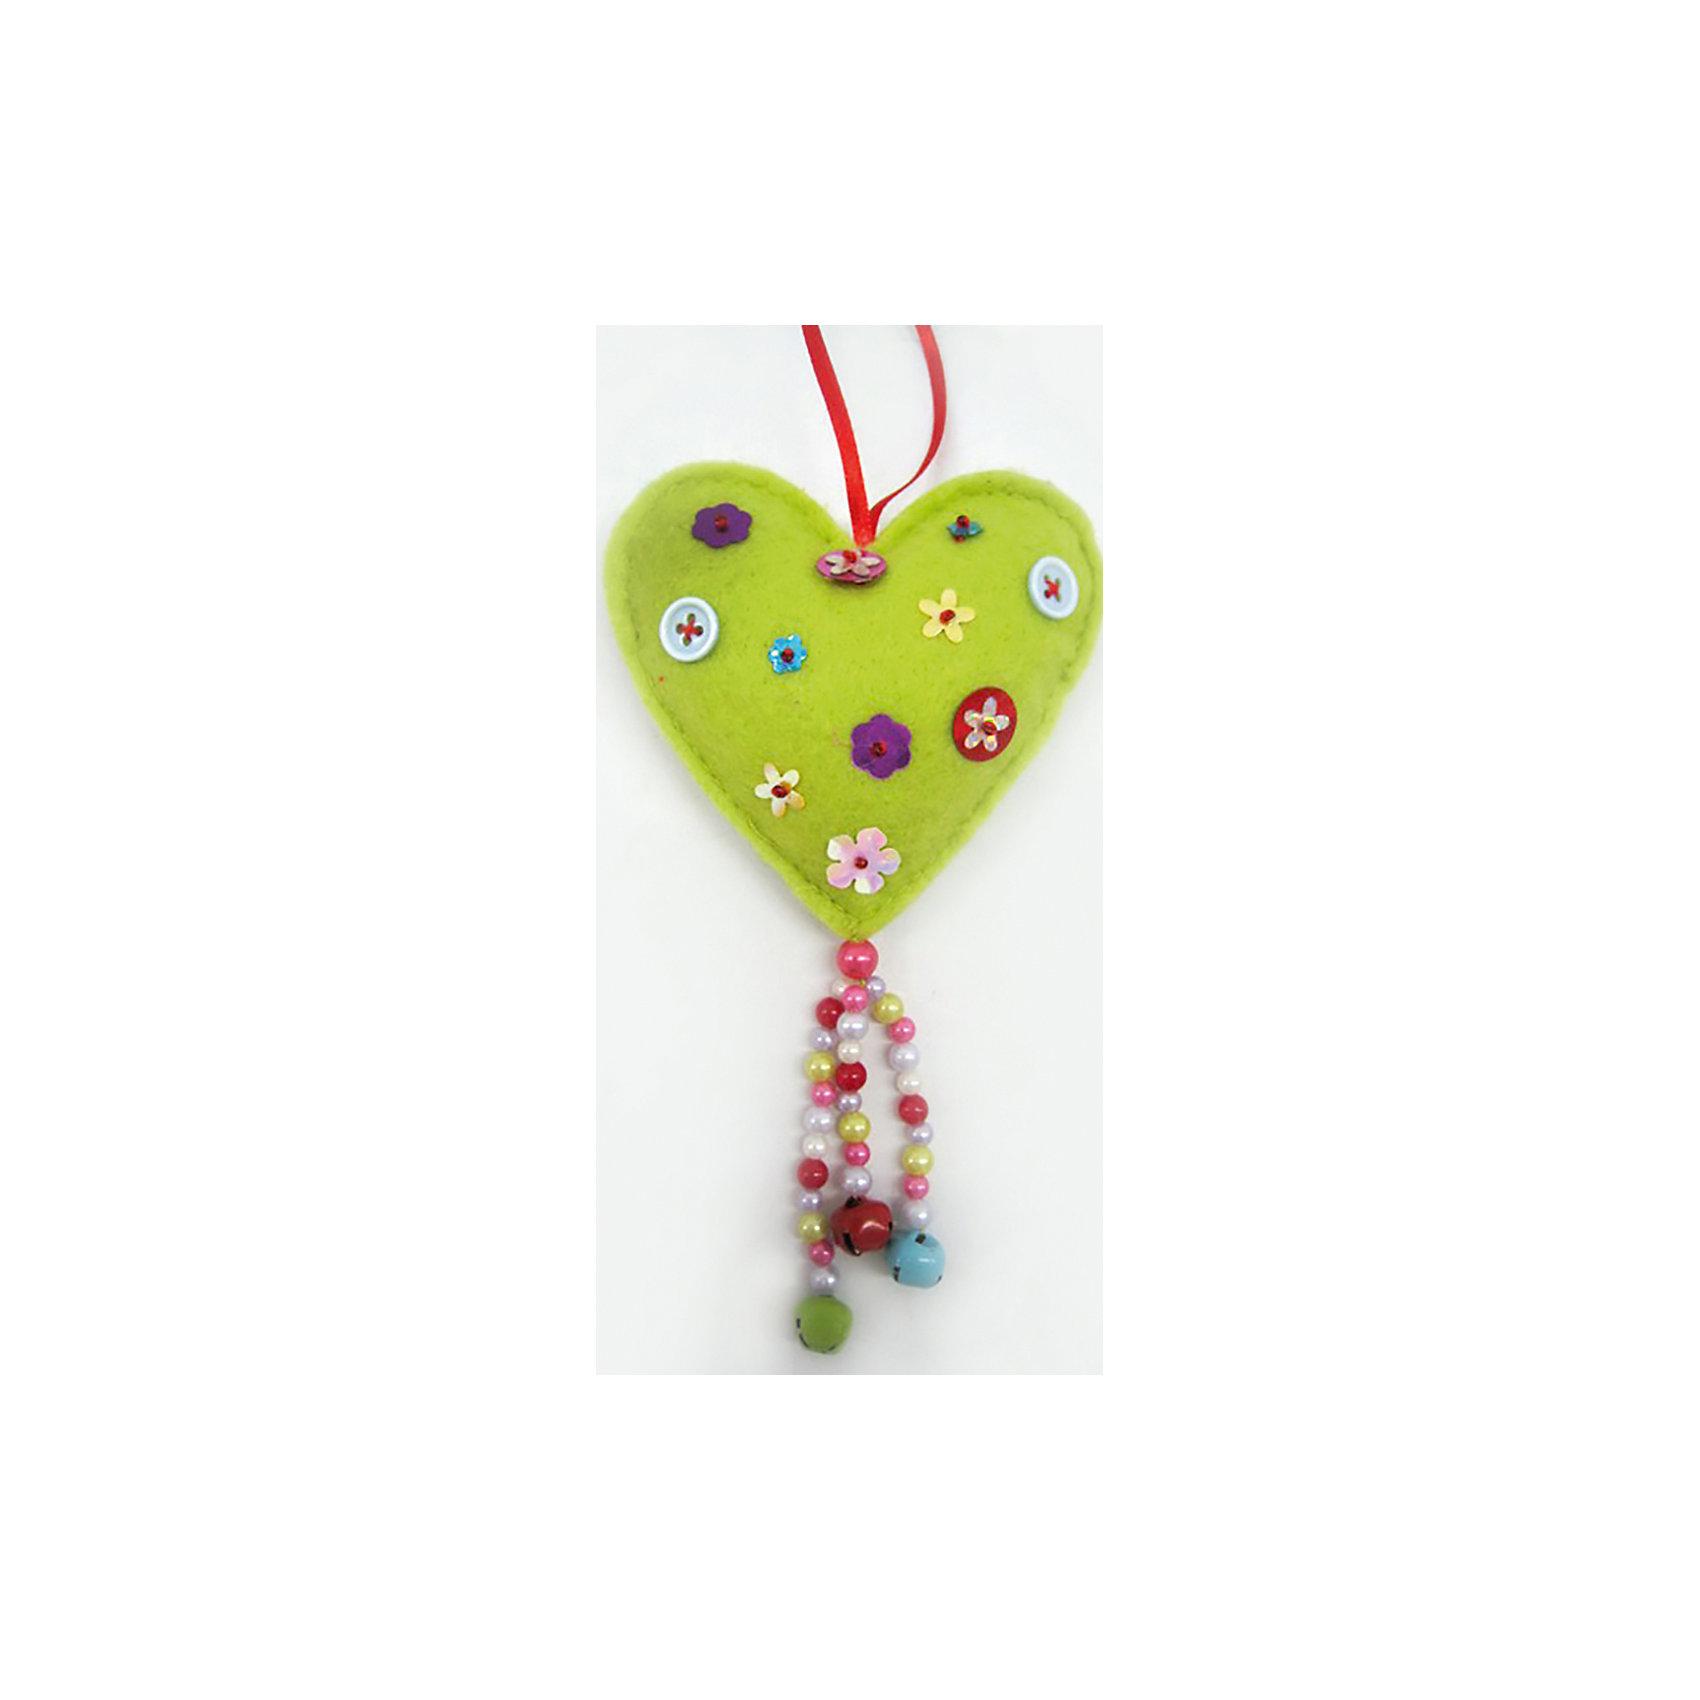 Феникс-Презент Новогоднее подвесное украшение  Сердечко (полиэстер) 9,5 см новогоднее подвесное украшение собака ф21 1716